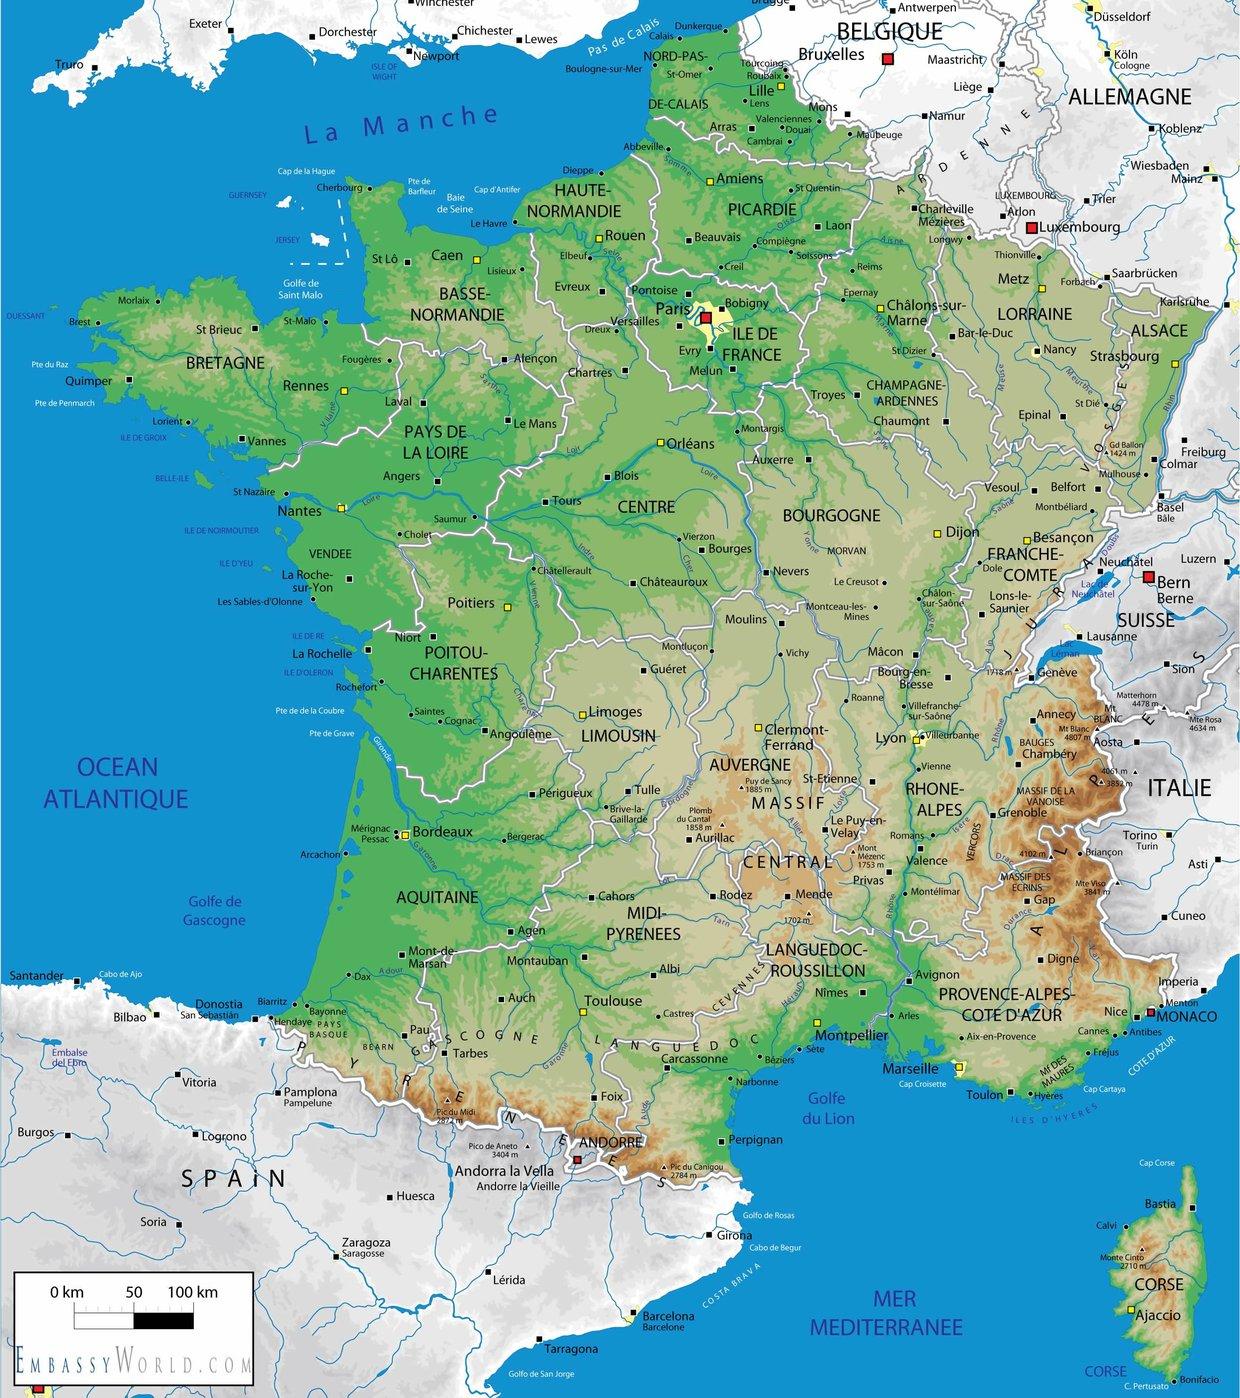 La Francia Cartina.La Francia E Parigi Lessons Tes Teach